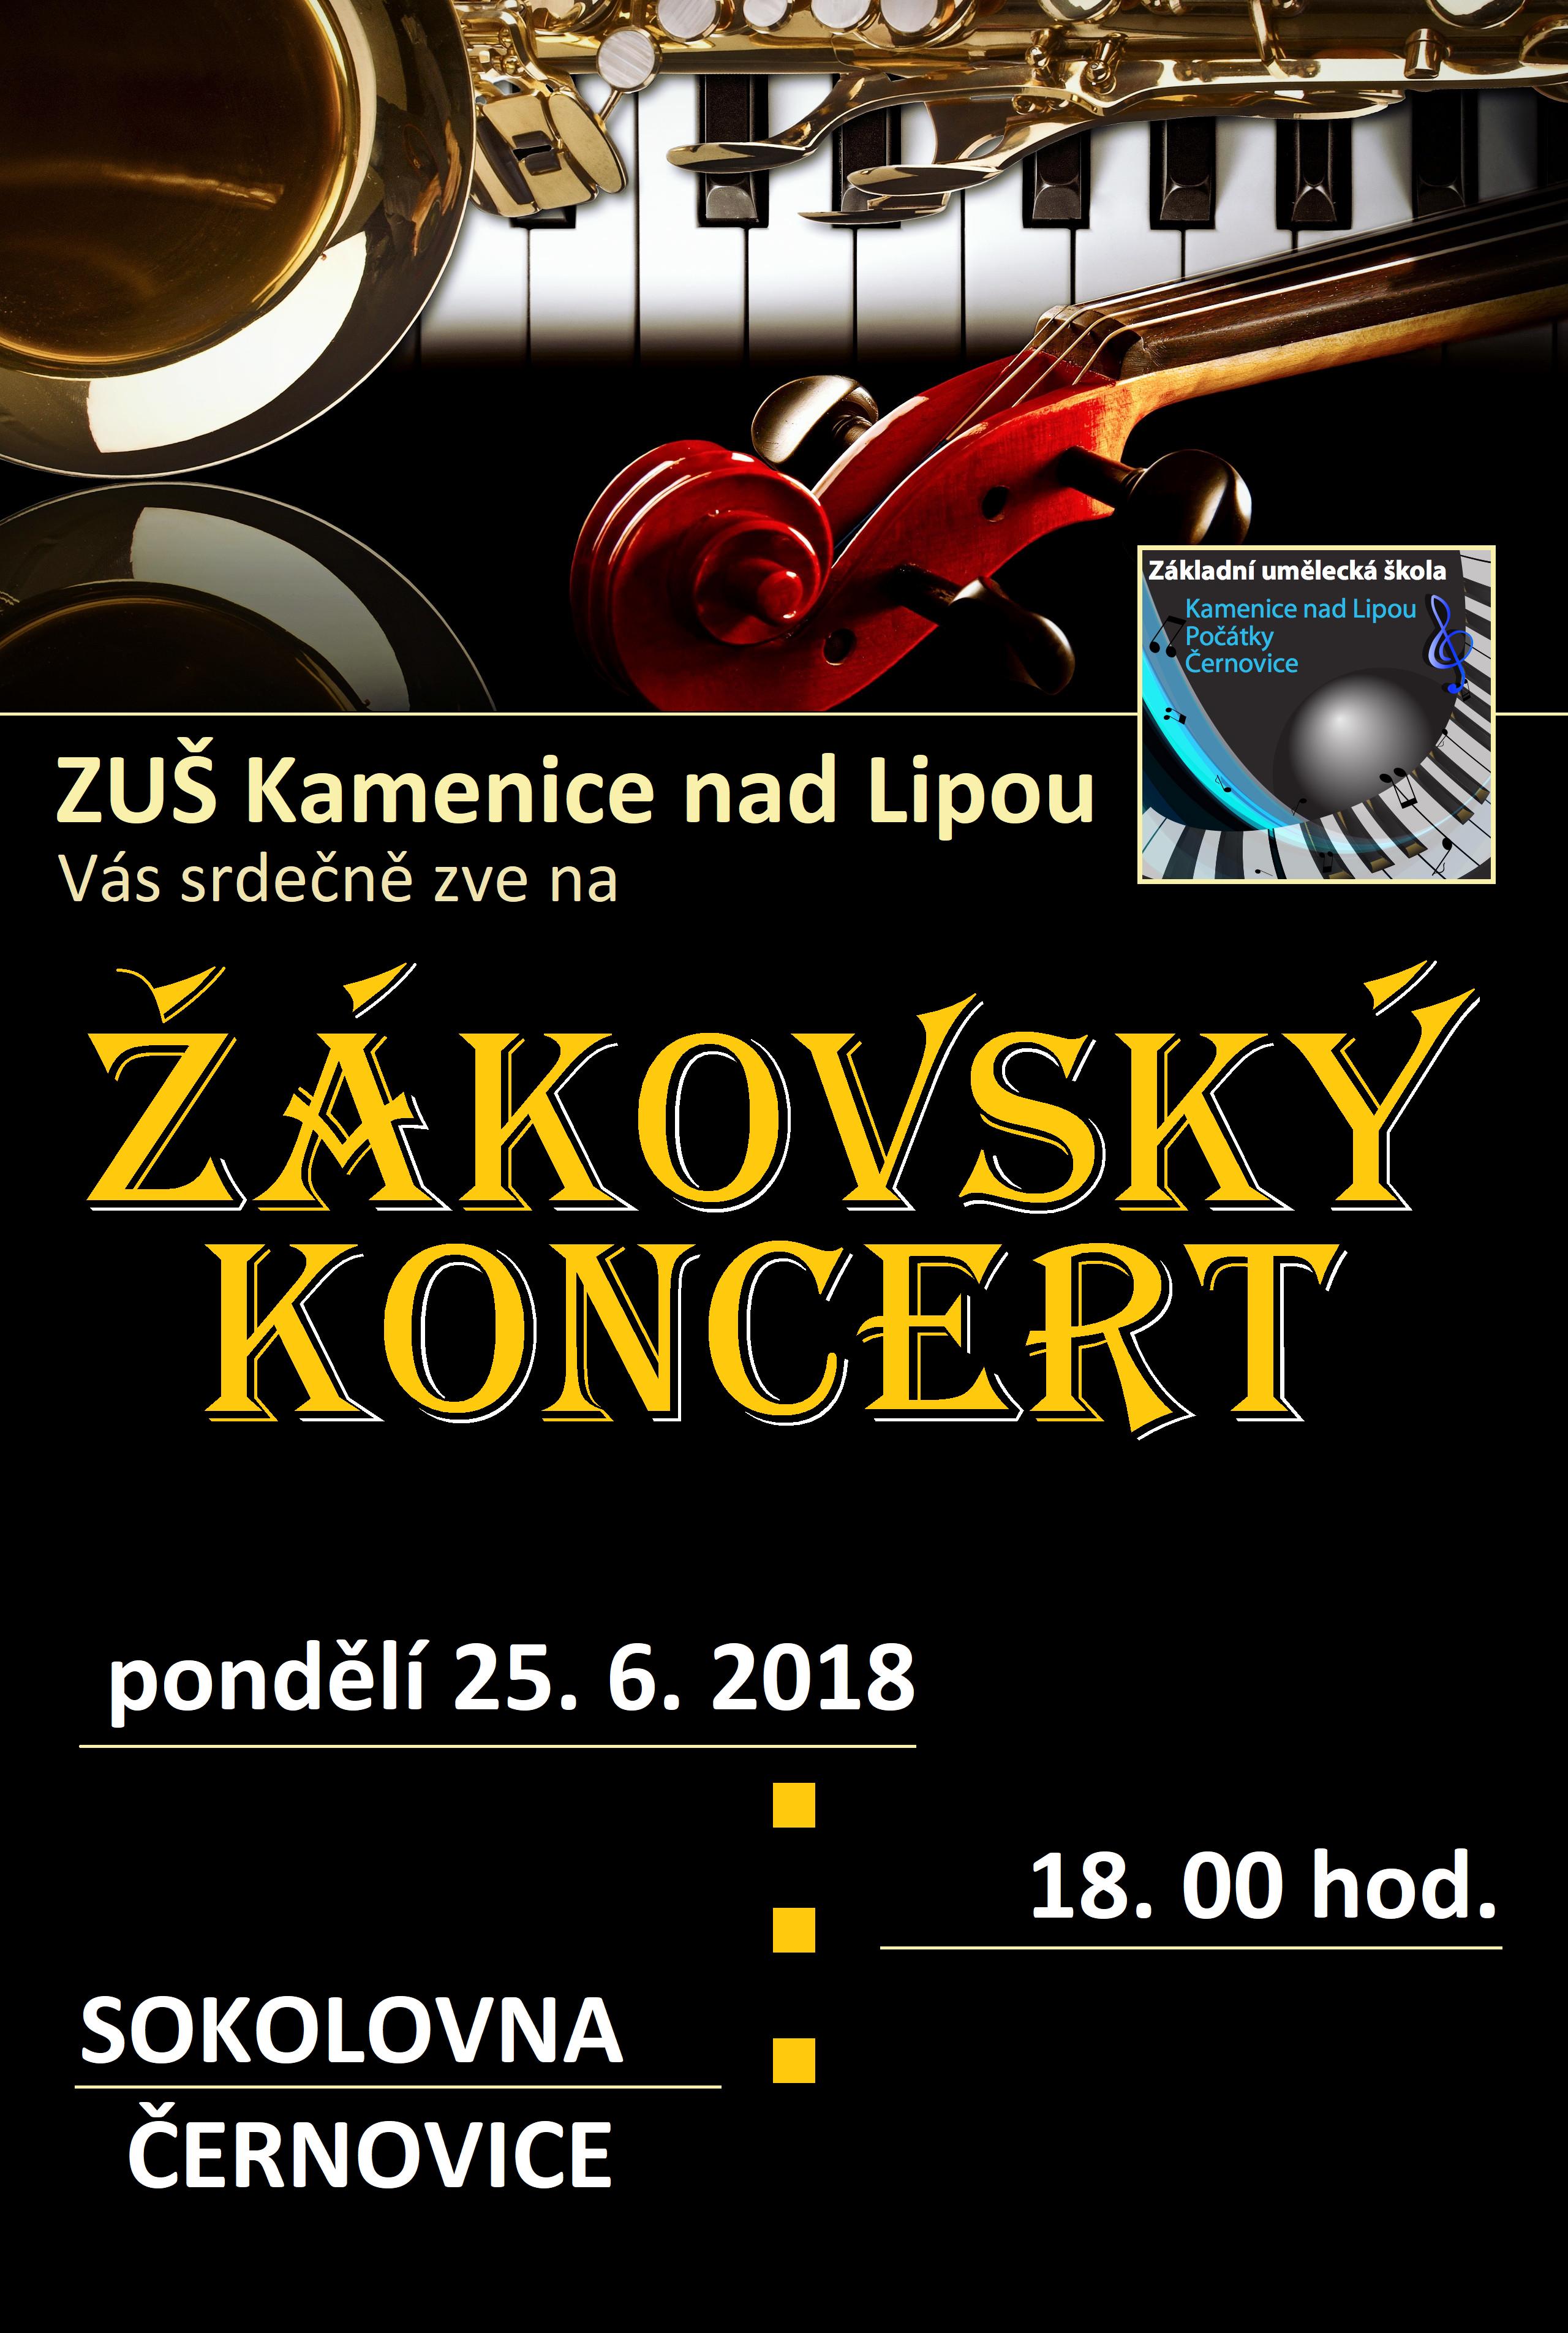 25. 6. 2018 - ŽÁKOVSKÝ KONCERT ČERNOVICE